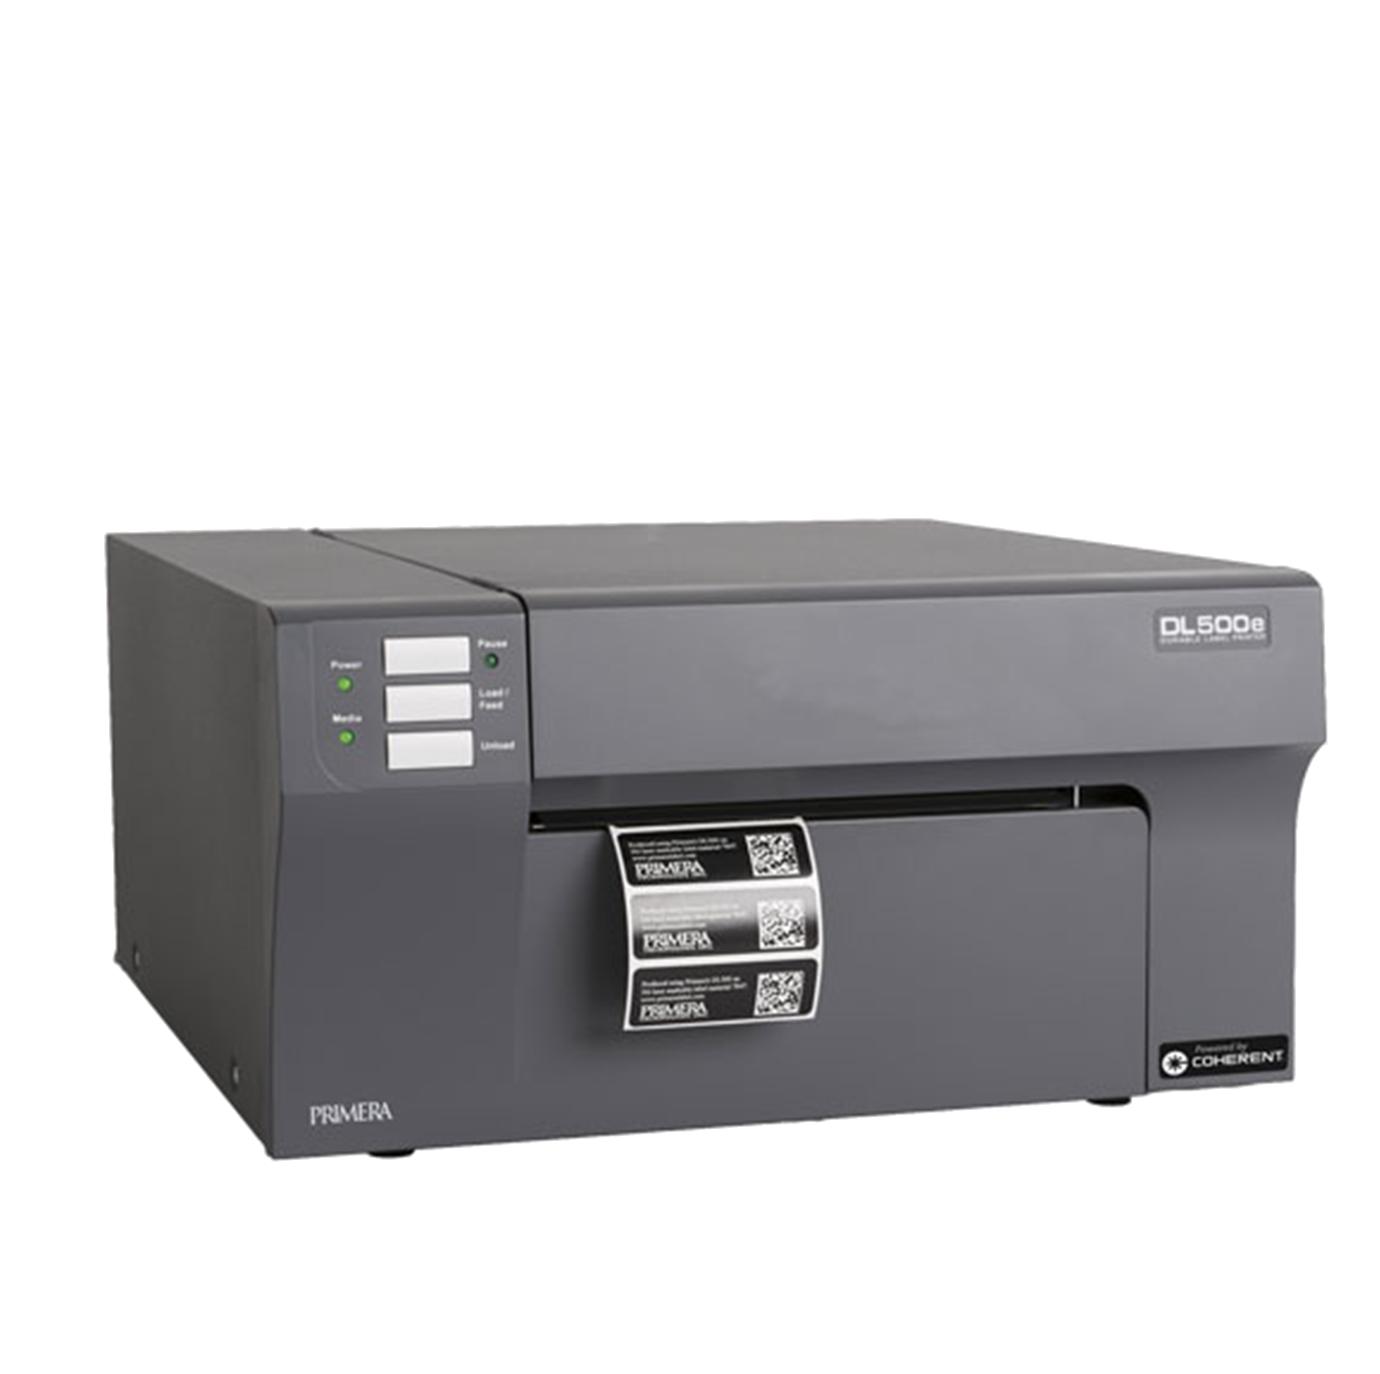 immagine stampante LP130 per marcatura laser etichette